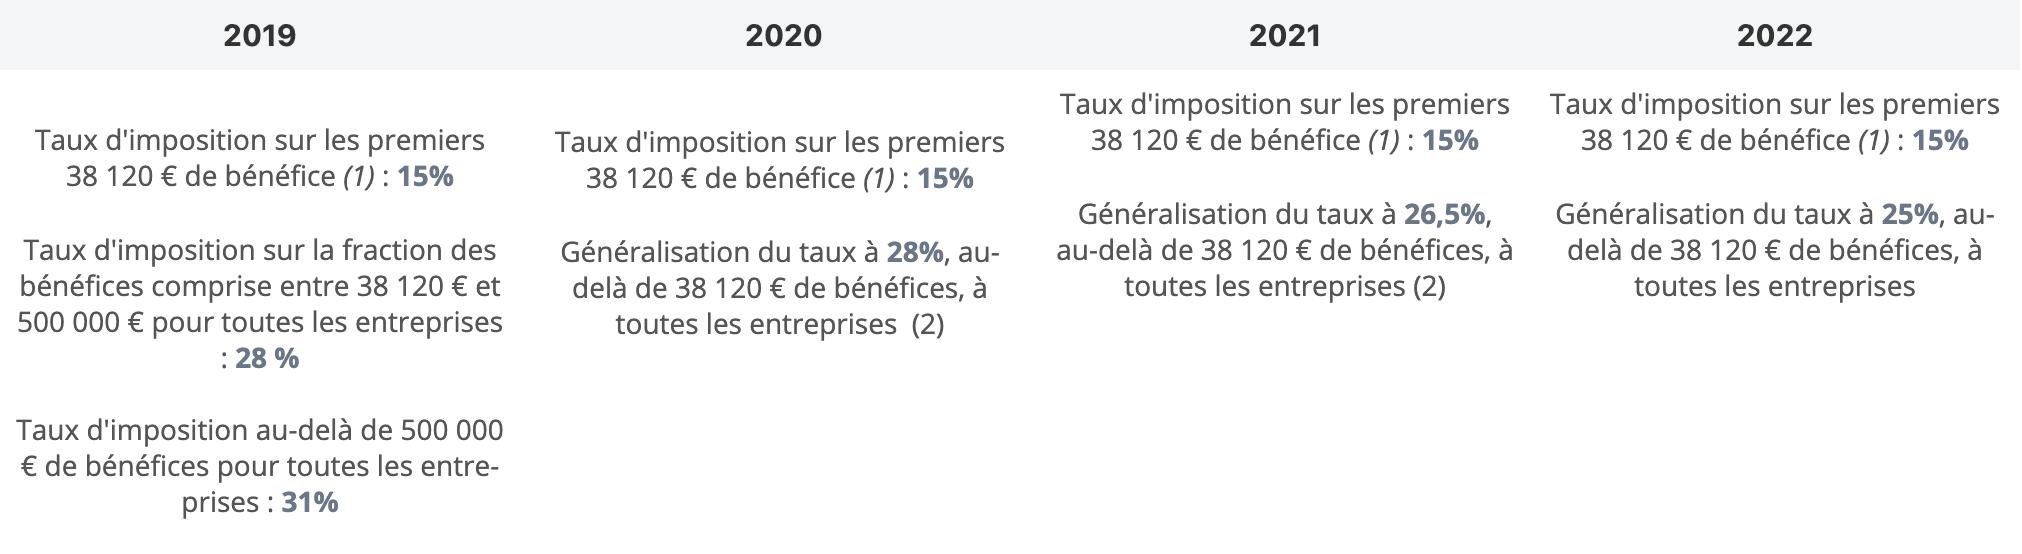 Évolution du taux d'imposition des bénéfices soumis à l'impôt sur les sociétés jusqu'en 2022